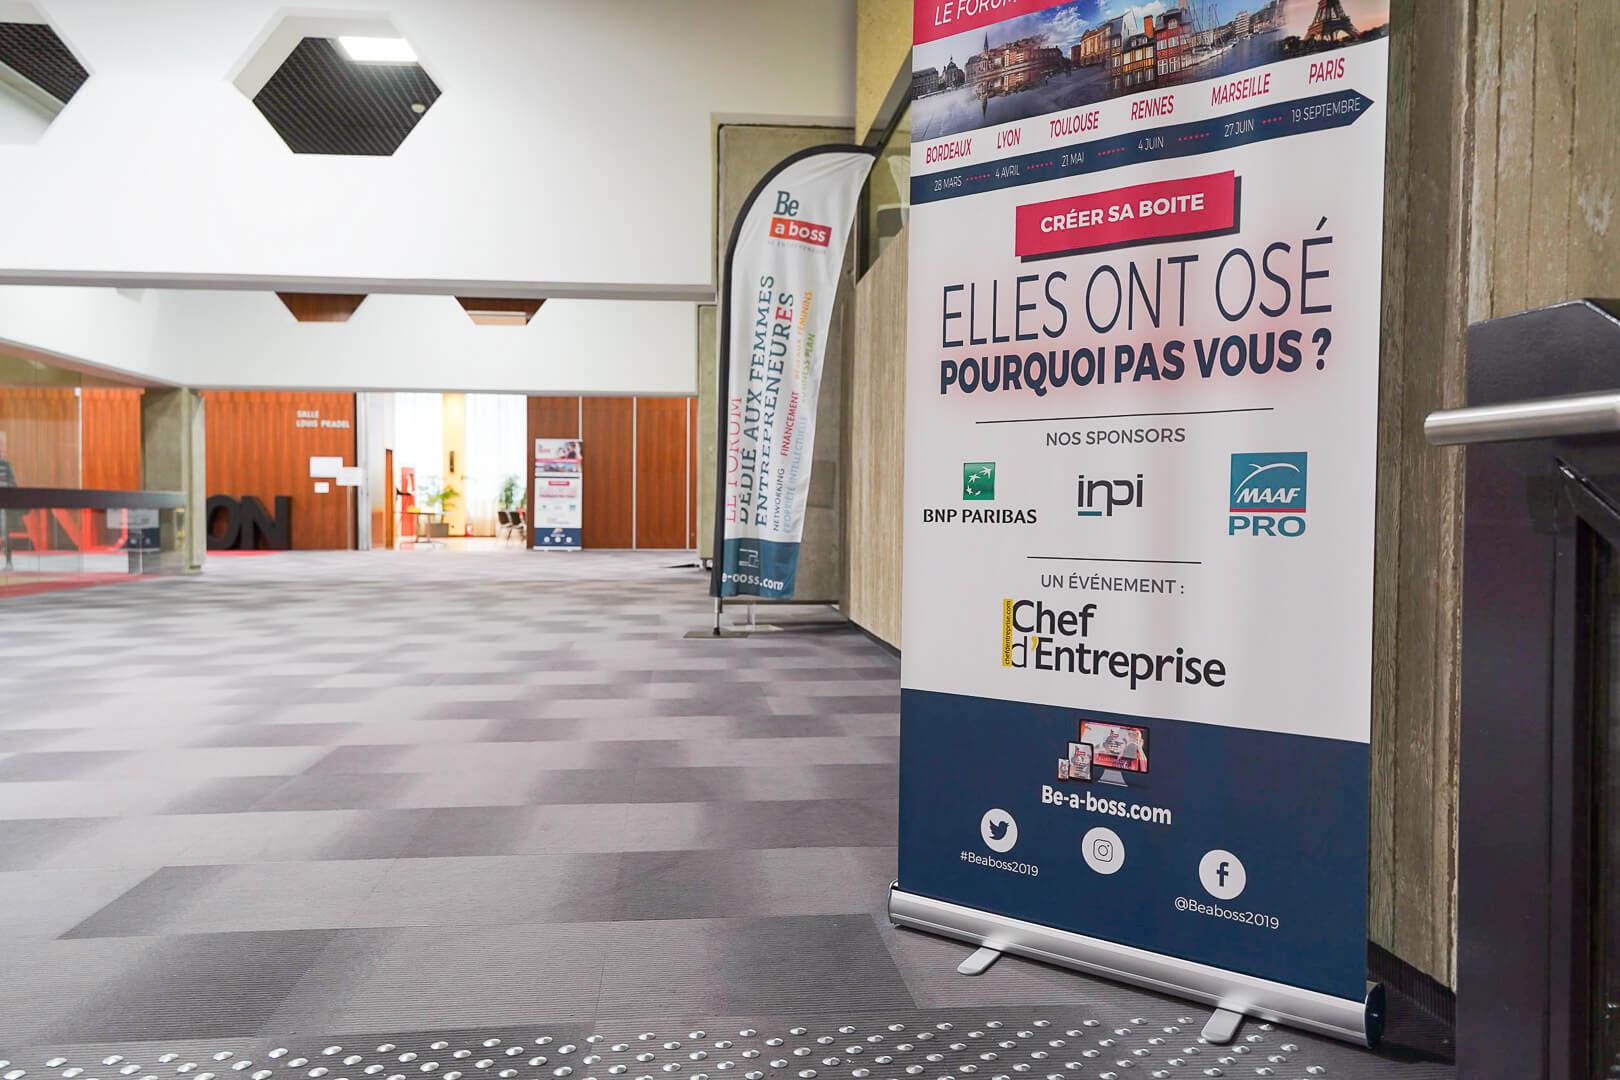 Entreprise D Architecture Lyon edouard demarly photography - Évènement - be a boss lyon 2019